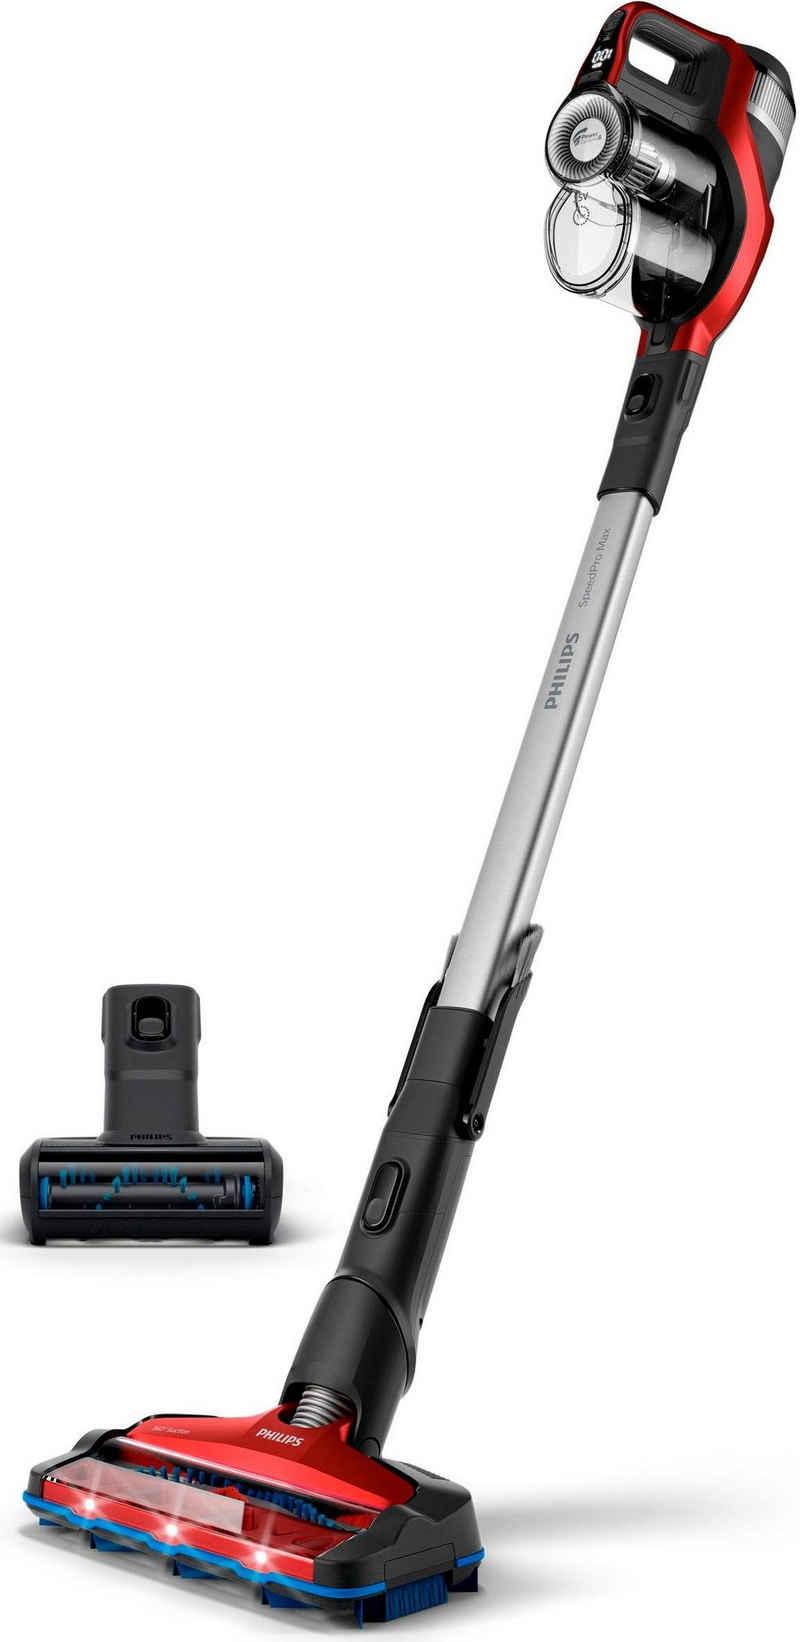 Philips Akku-Stielstaubsauger XC7043/01, beutellos, SpeedPro Max beutellos, 65 Minuten Akkulaufzeit, inkl. Turbo Tierhaarbürste